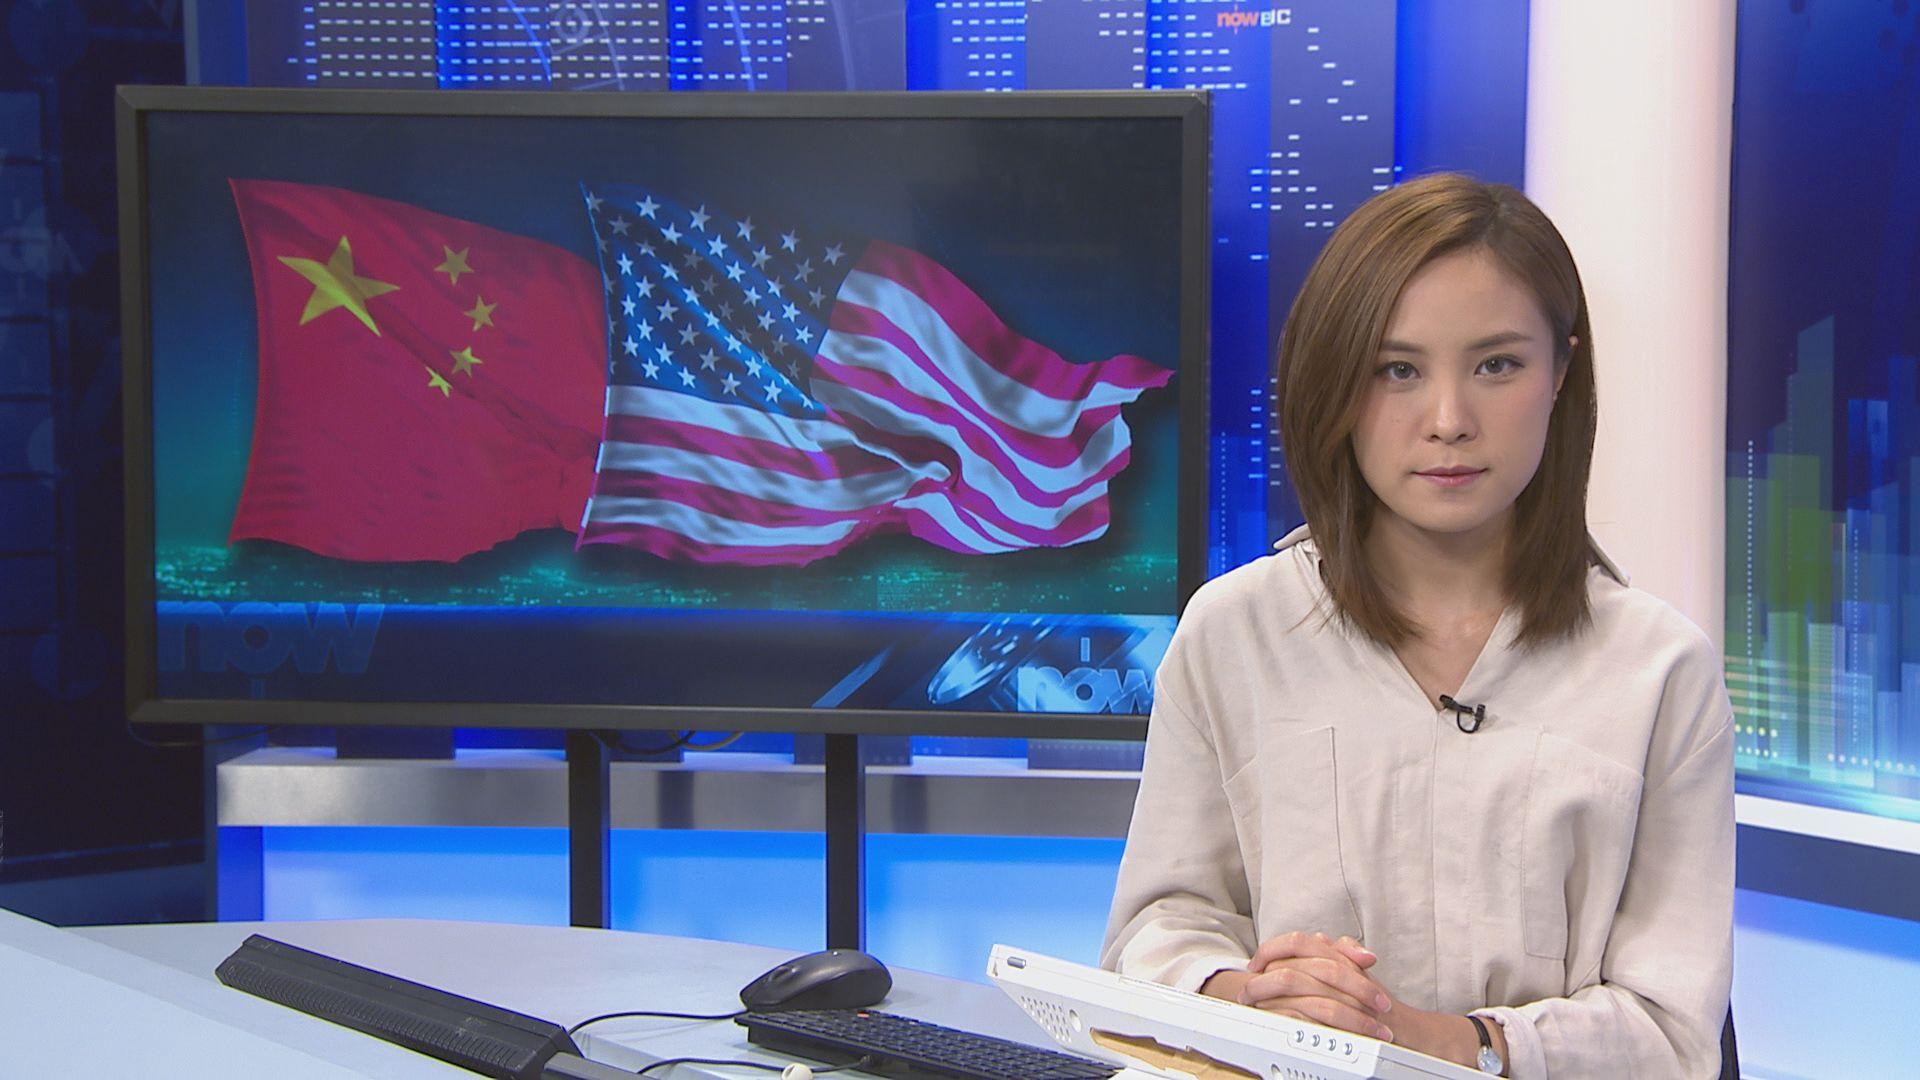 【人幣明顯貶值】姆努欽警告中國不要作競爭性貶值